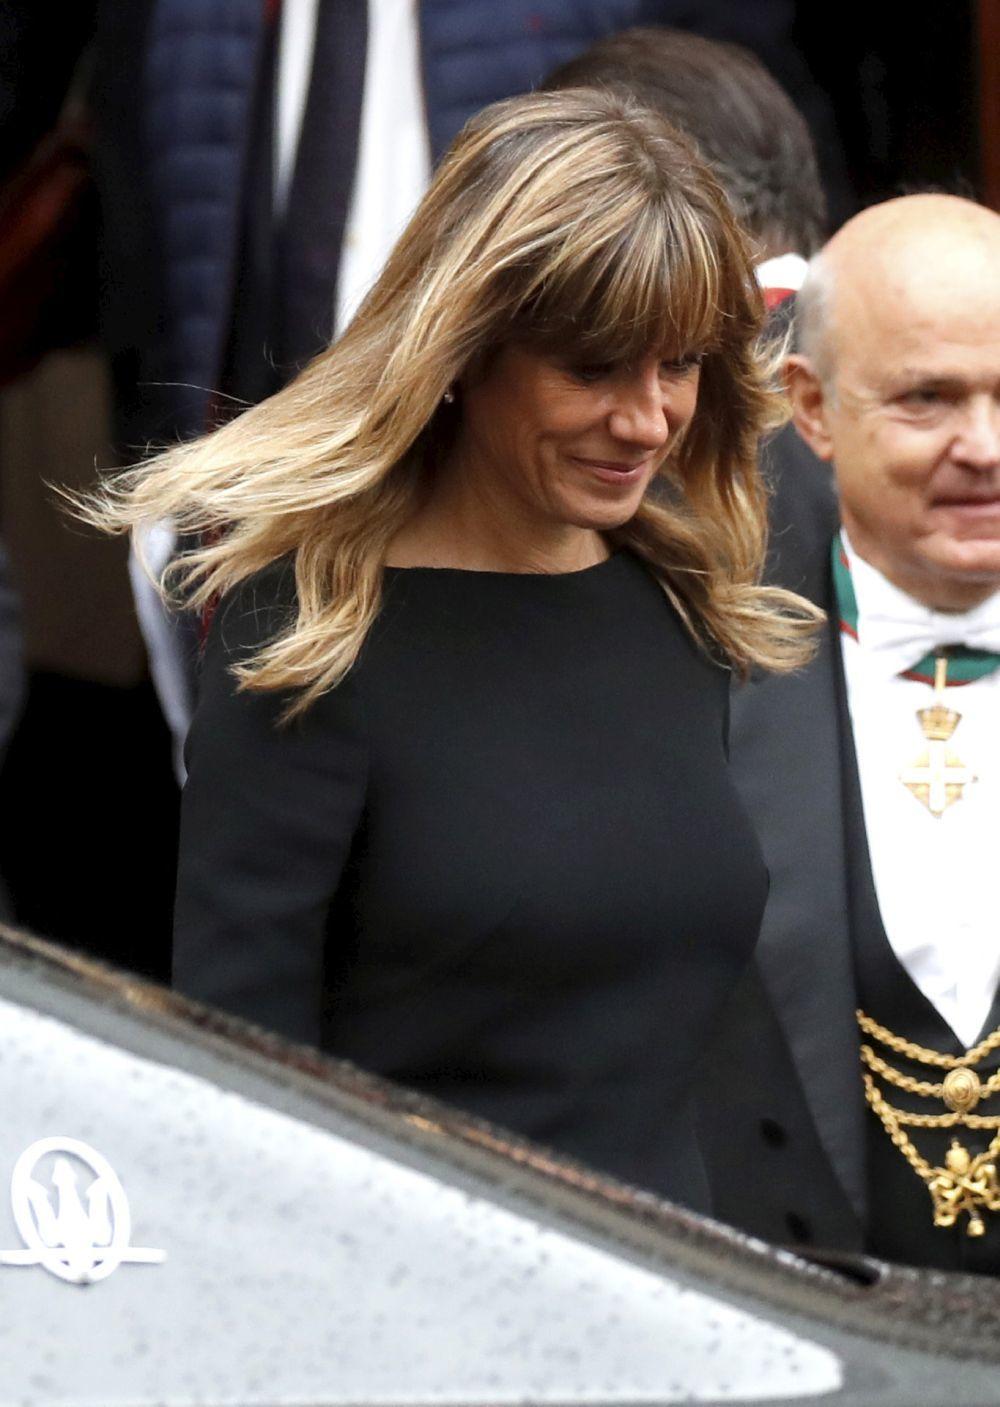 Begoña Gómez en Roma con su nuevo corte de pelo con flequillo.